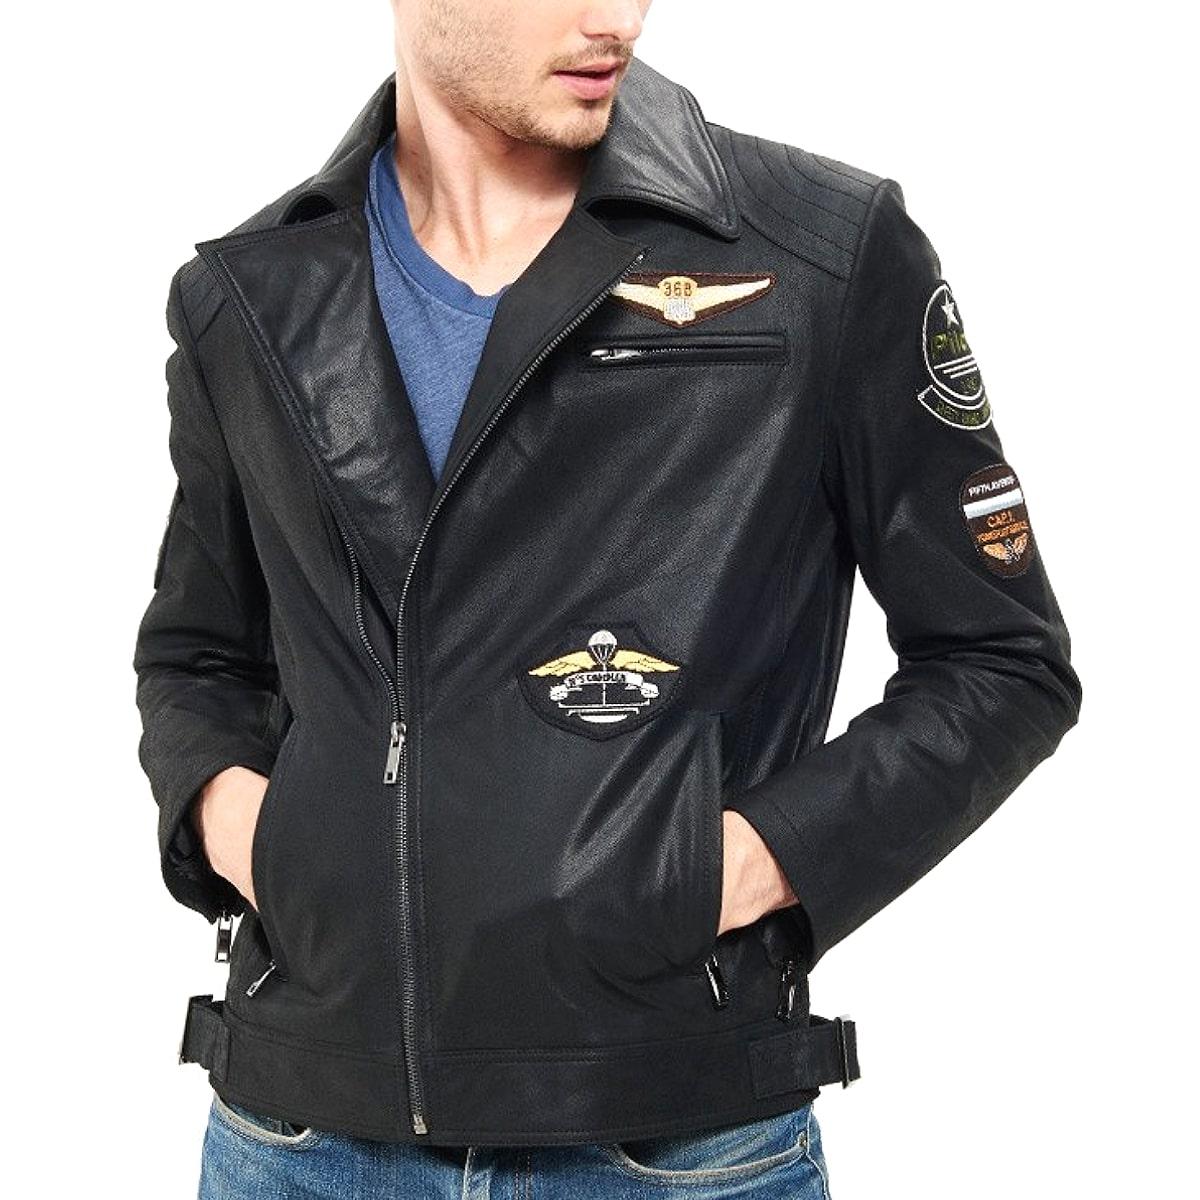 【送料無料!】全10サイズ! [Men's Black Pigskin Genuine Leather Patches Flight Jacket] メンズ ブラック ピッグスキン ジェニュインレザー ワッペン フライトジャケット! 本革 豚革 革ジャン ダブルライダース 黒 アメカジ コート アウター バイクに!